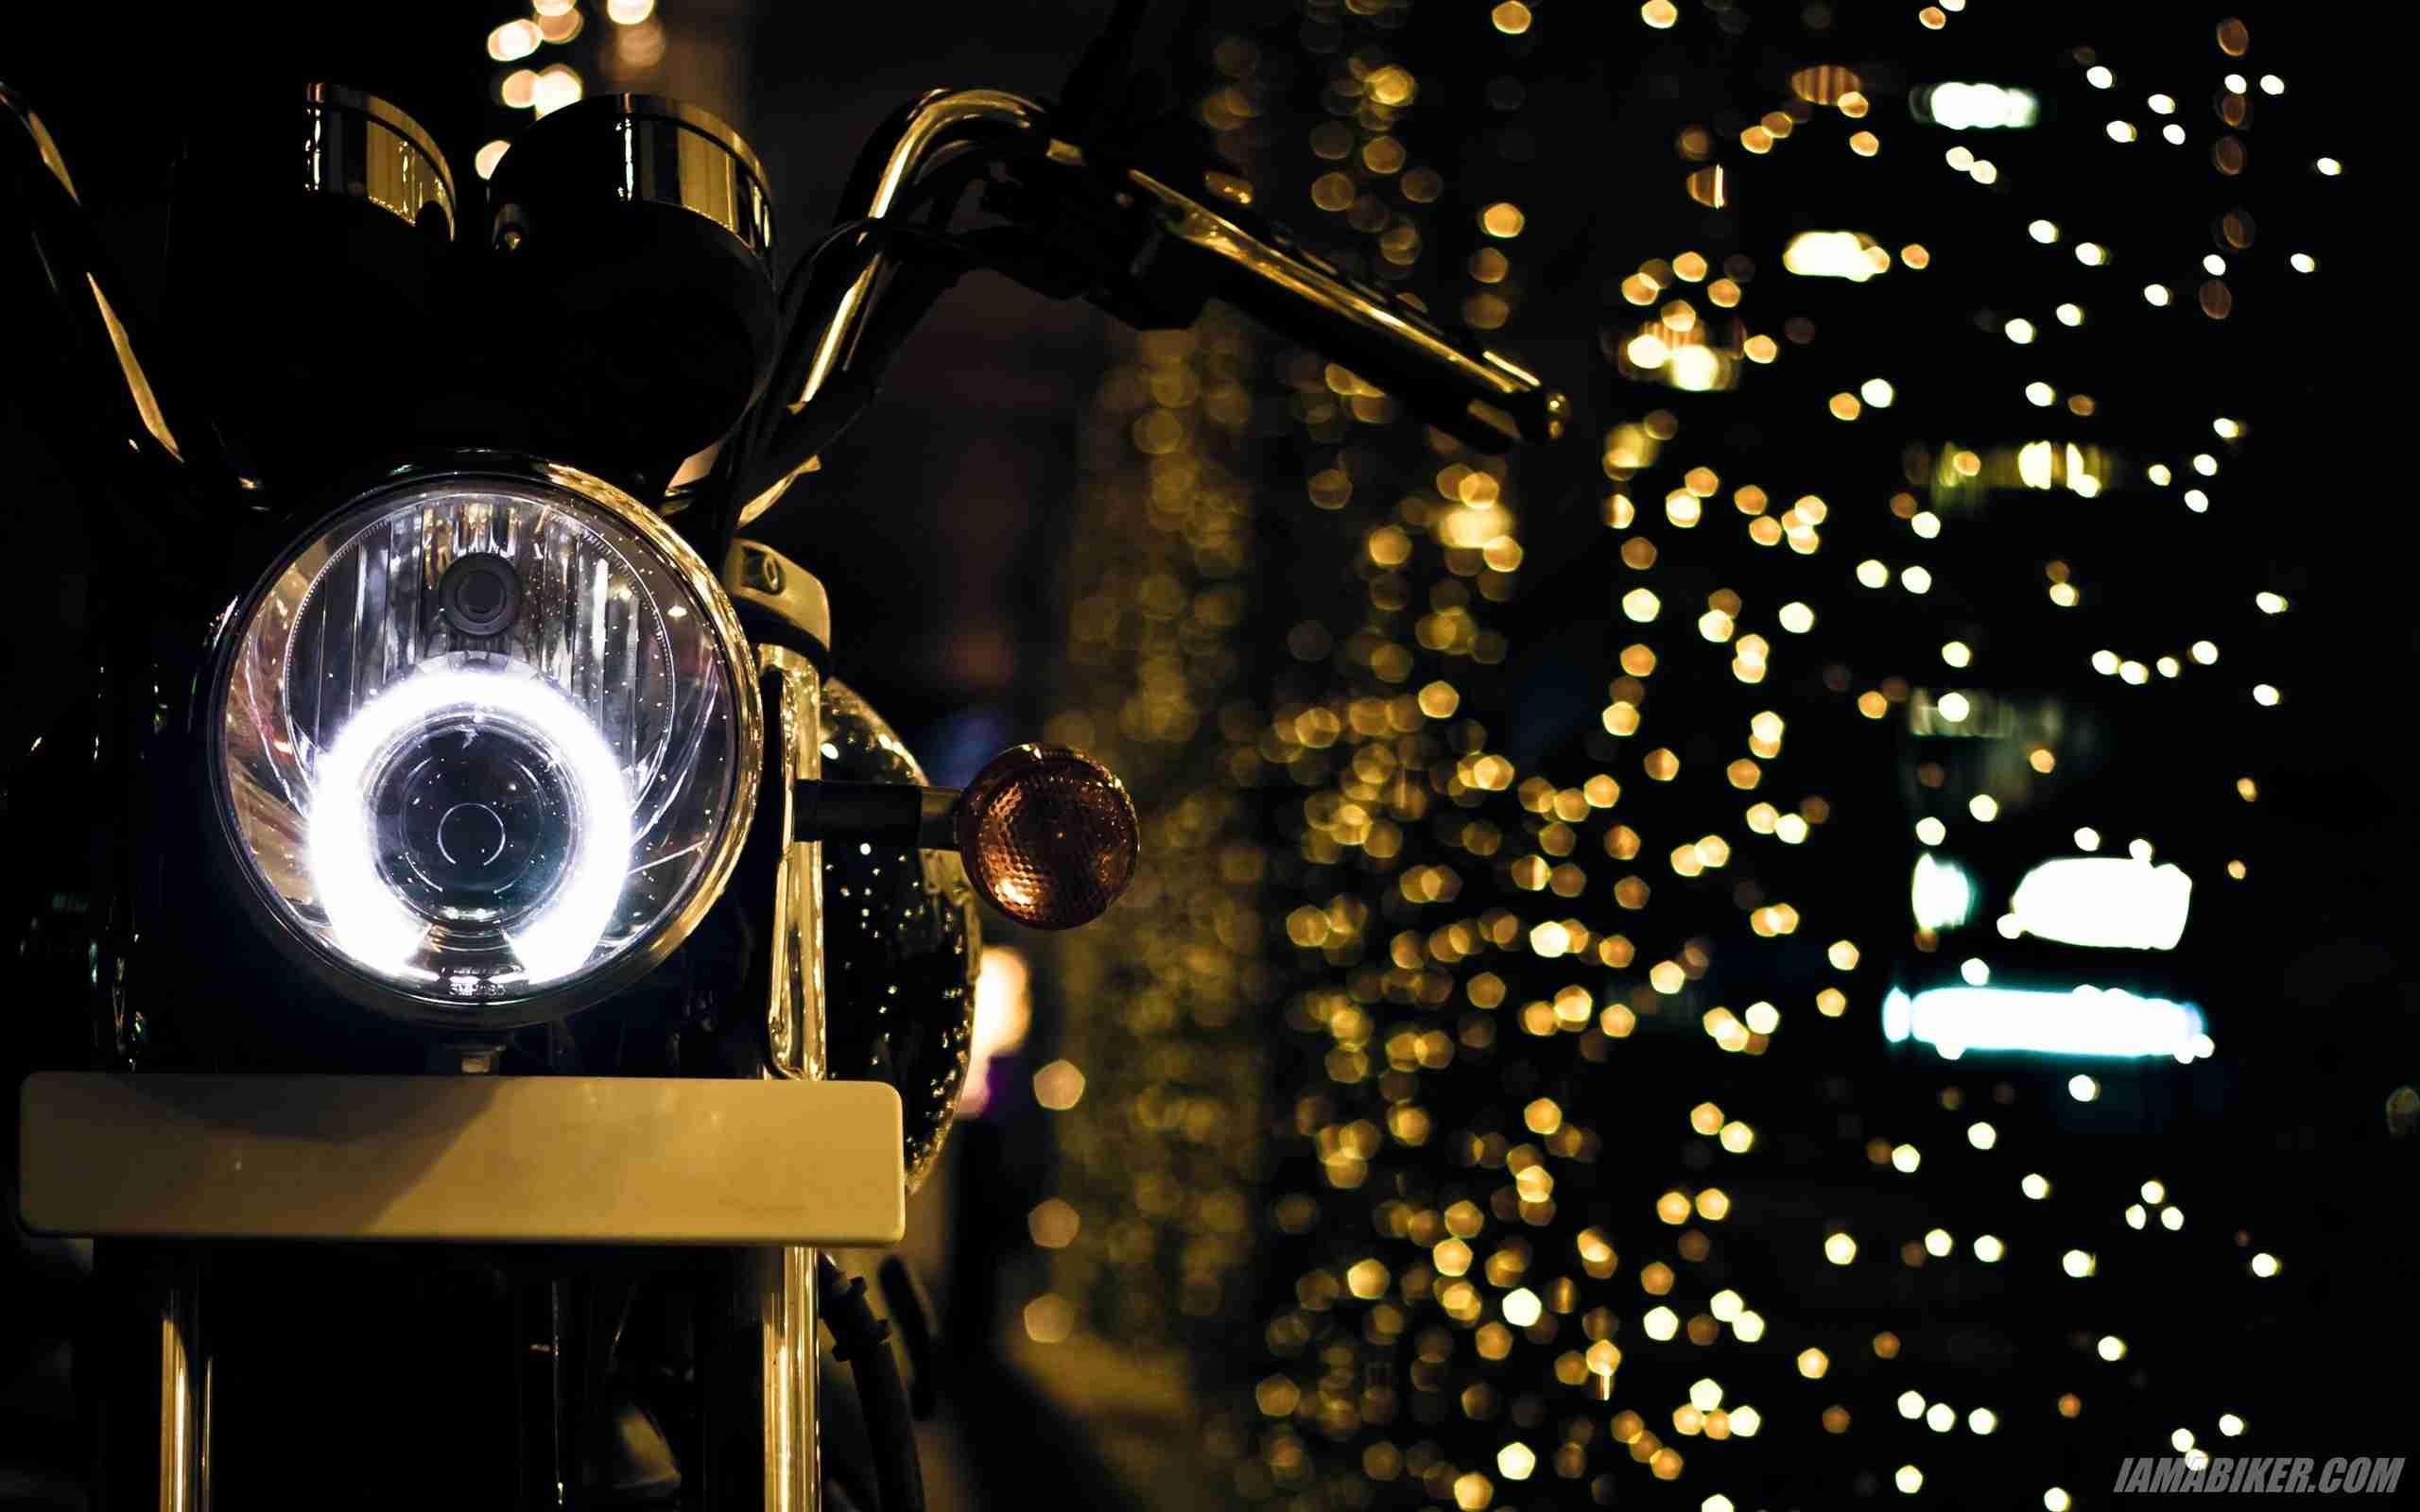 Diwali Hd Wallpapers Royal Enfield Thunderbird 500